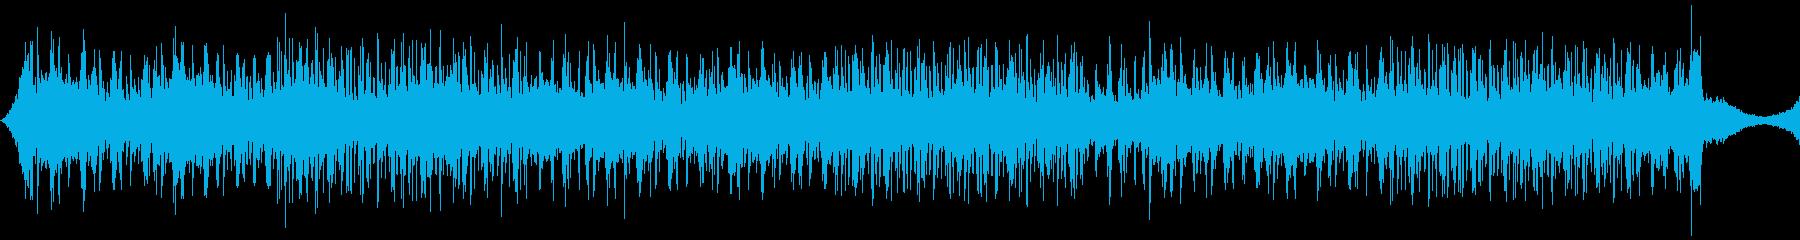 ドラッグの再生済みの波形